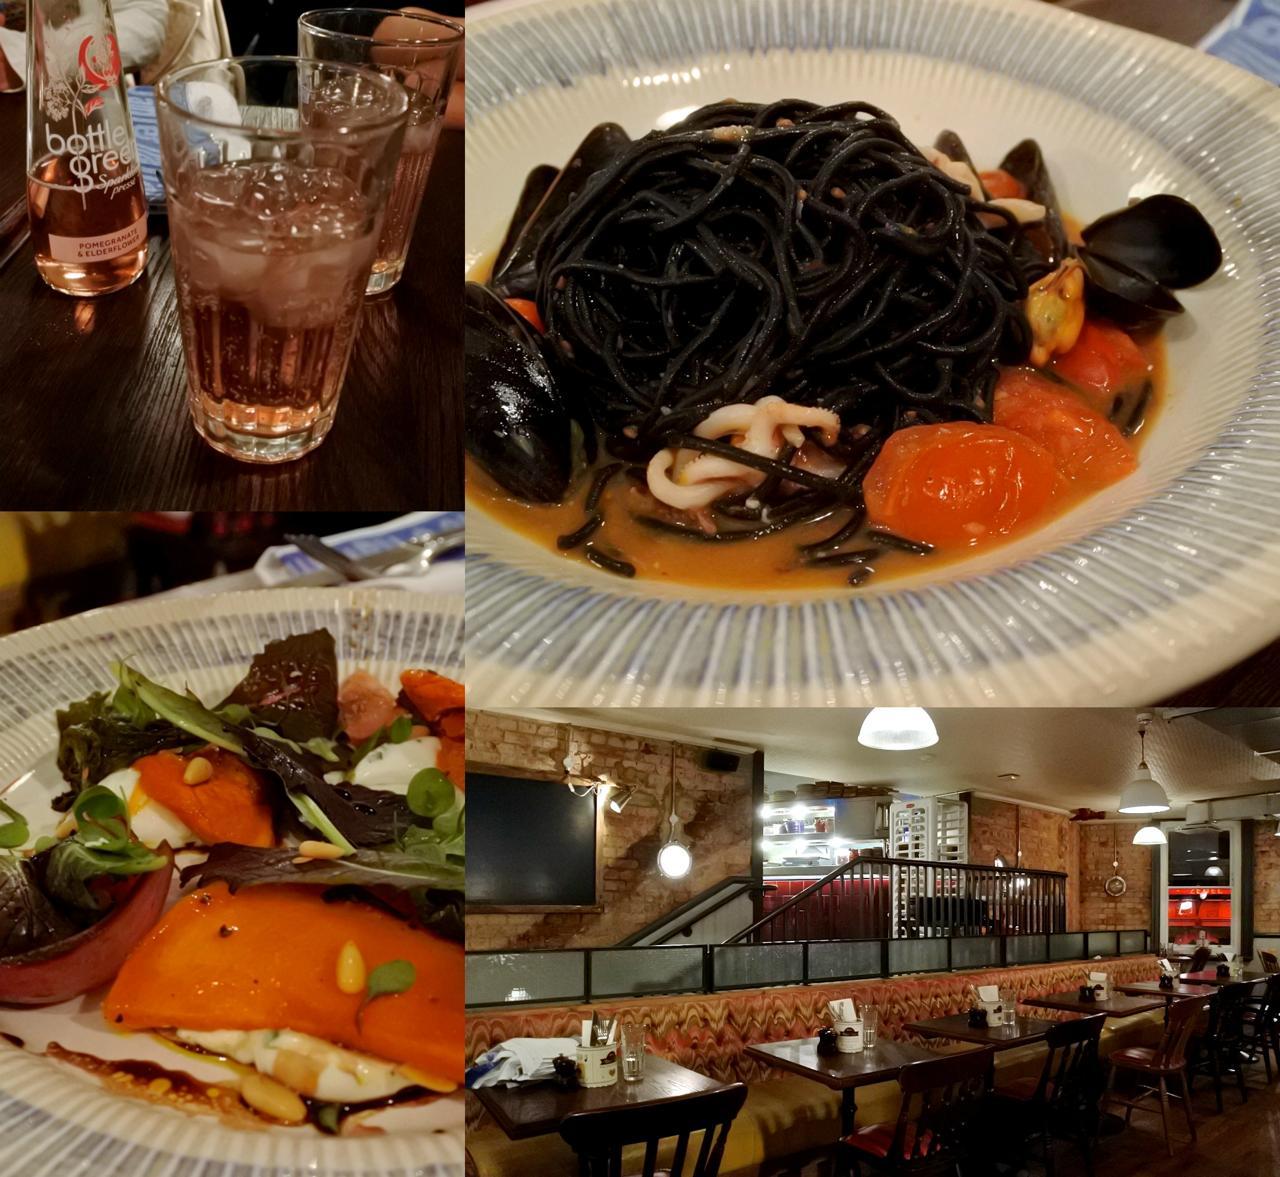 イカとムール貝のイカスミ・スパゲッティはソースの出汁がグッド♪ ロースト・パンプキンとゴート・チーズのサラダはふつー